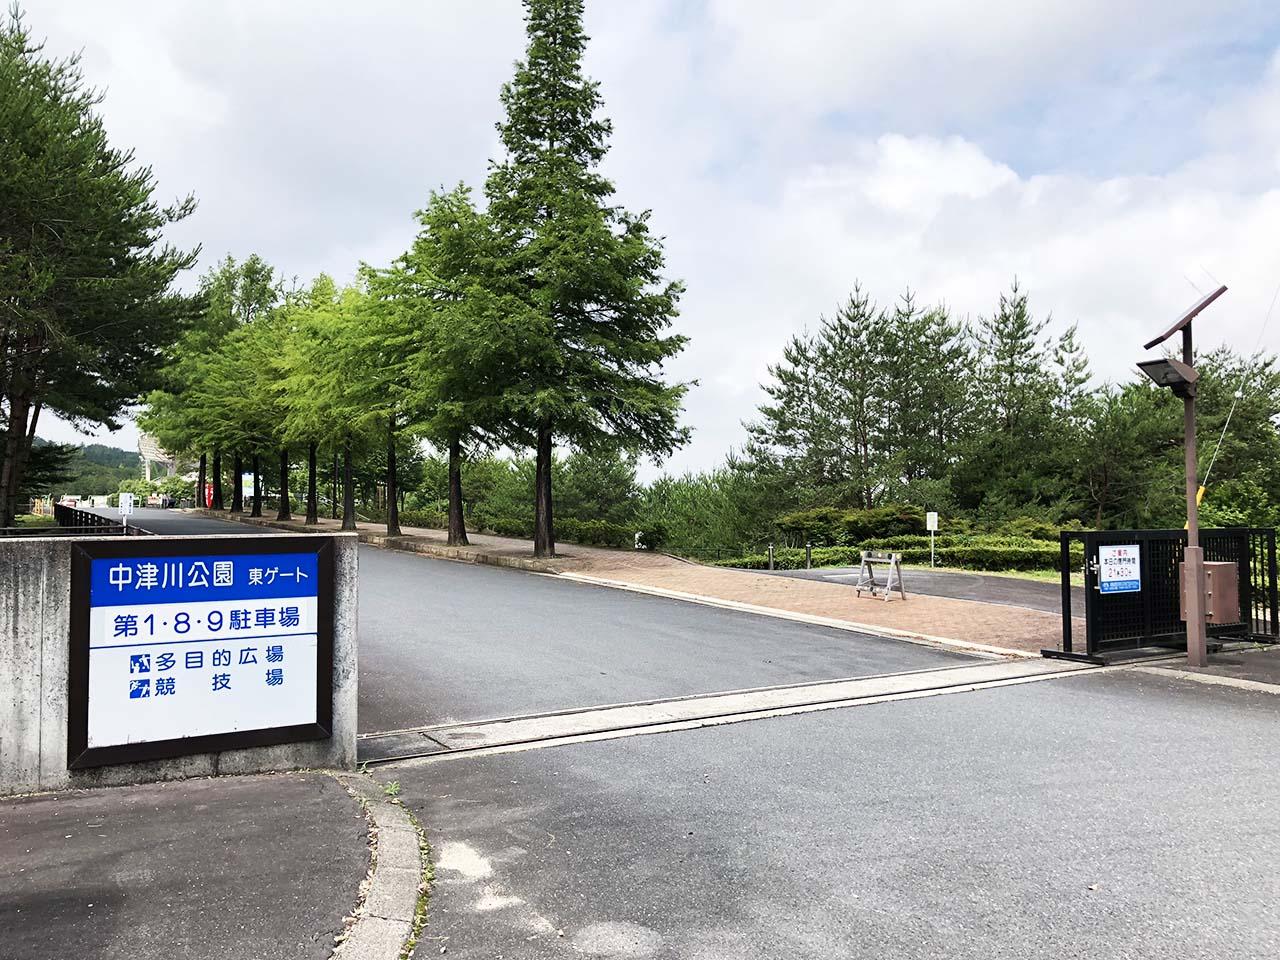 子供と遊ぶ公園中津川市の中津川公園の第1駐車場-第8駐車場-第9駐車場の入り口1